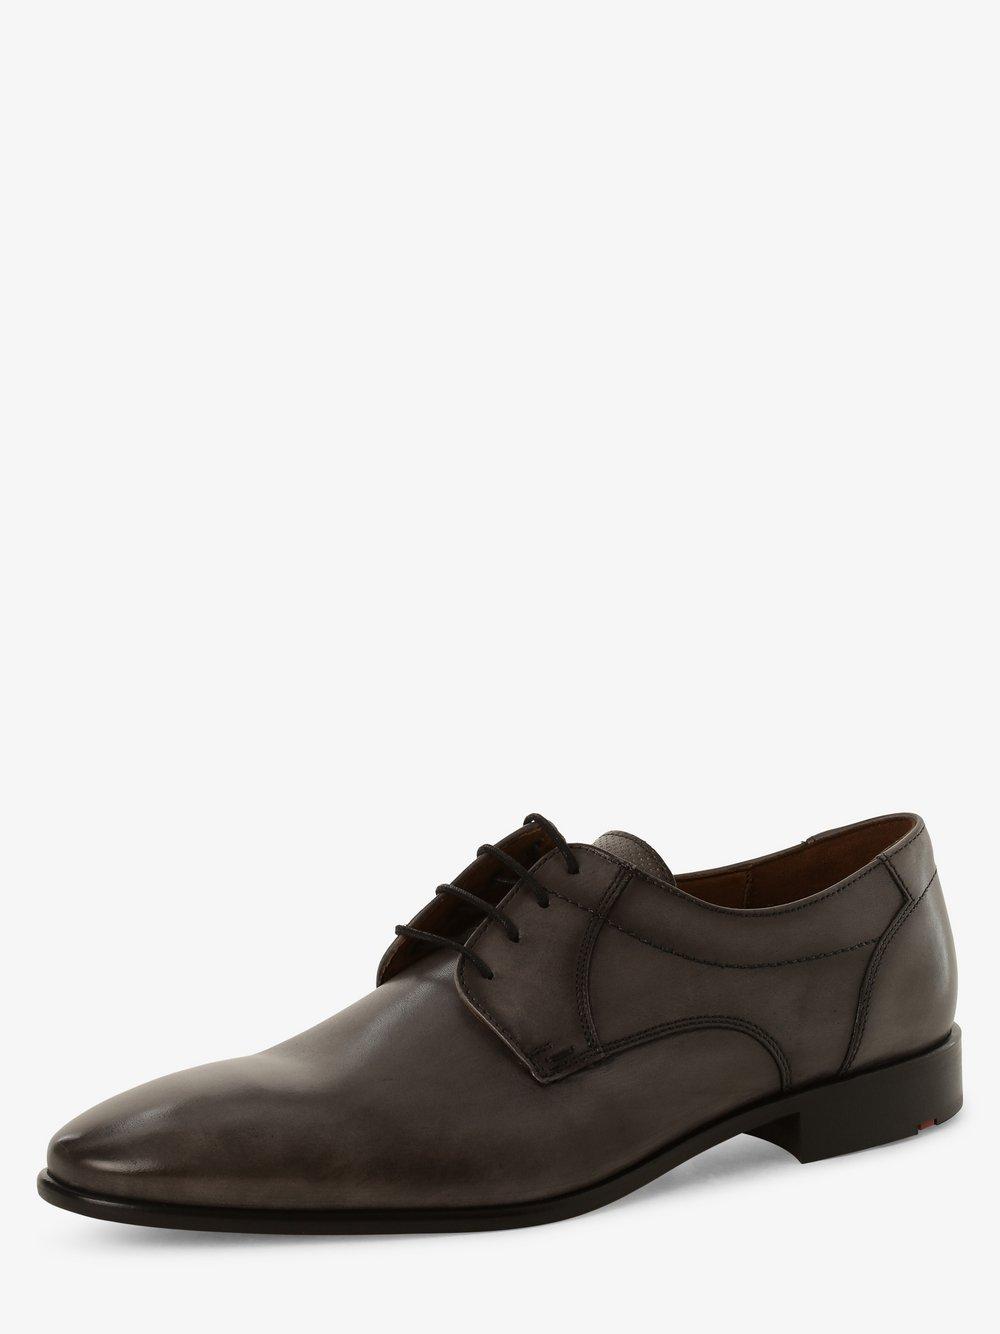 Lloyd – Męskie buty sznurowane ze skóry, szary Van Graaf 468889-0001-00095